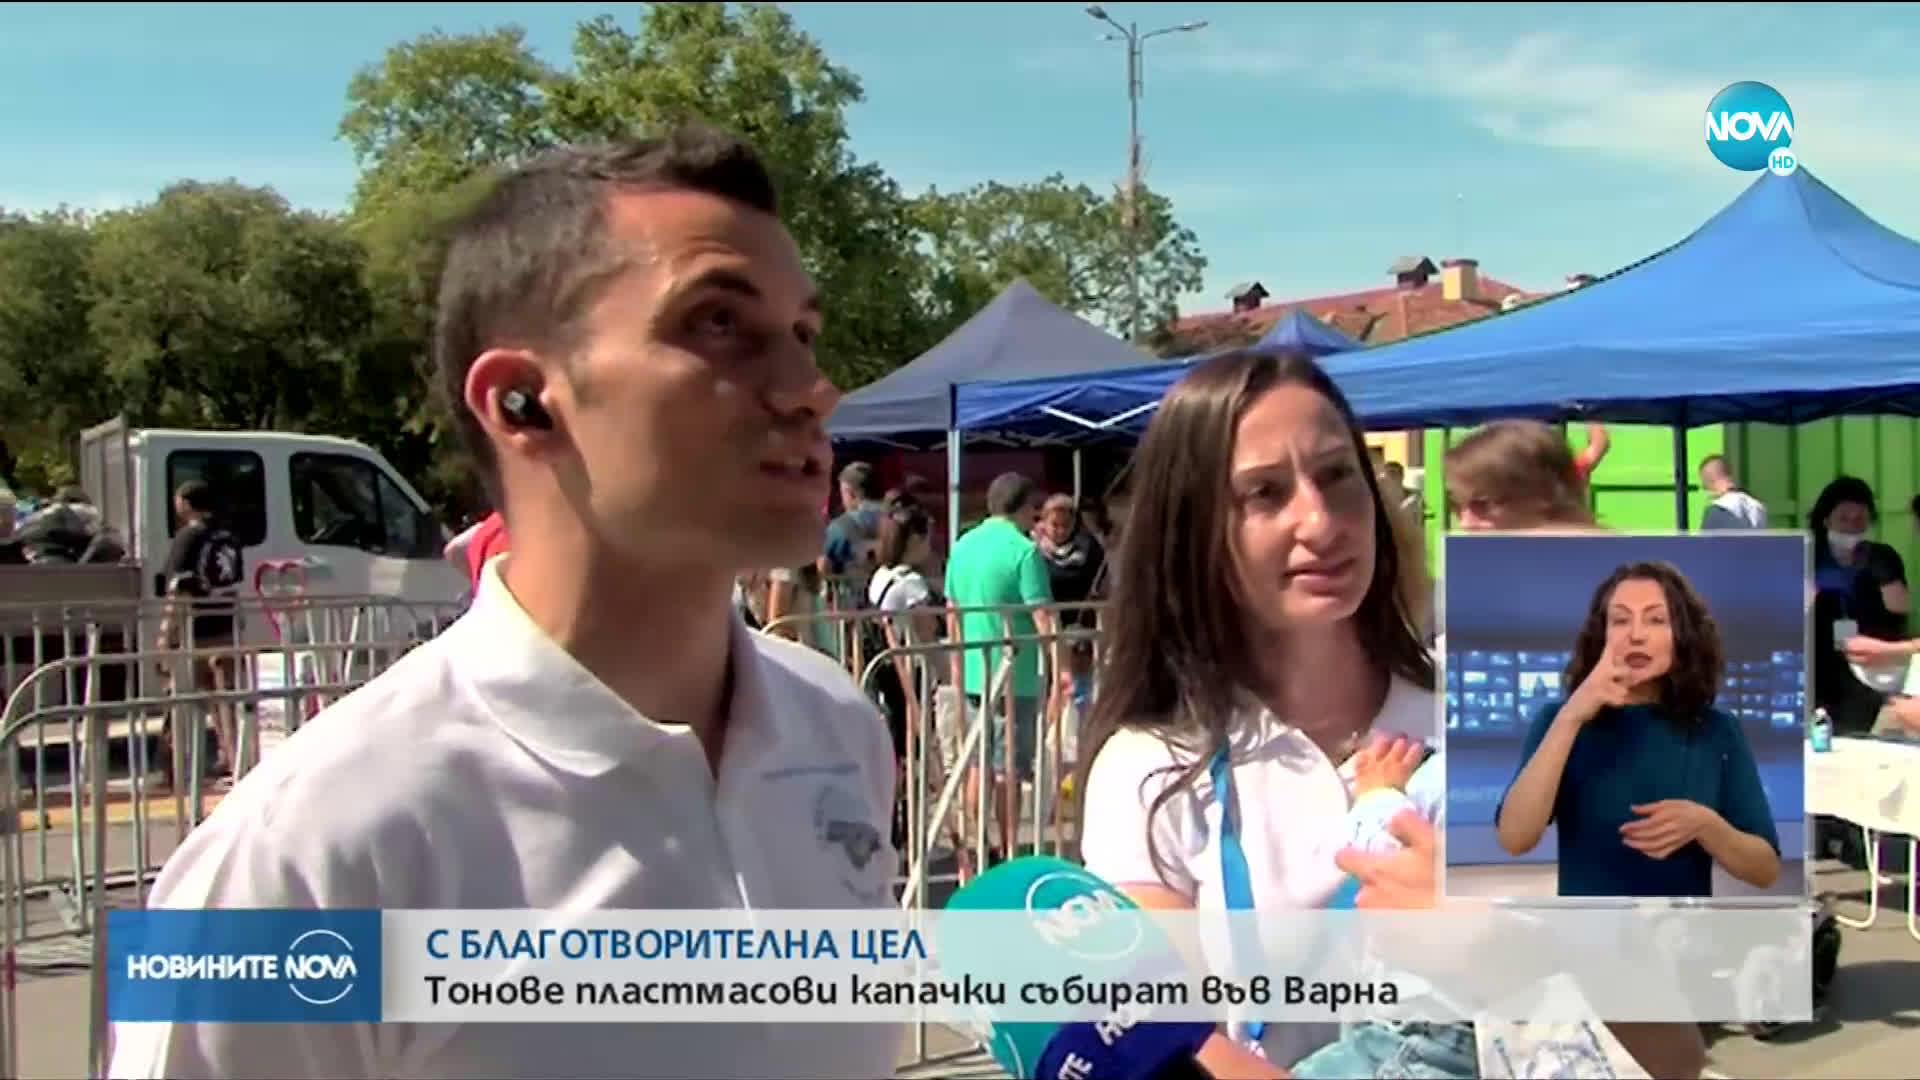 Във Варна събират тонове пластмасови капачки